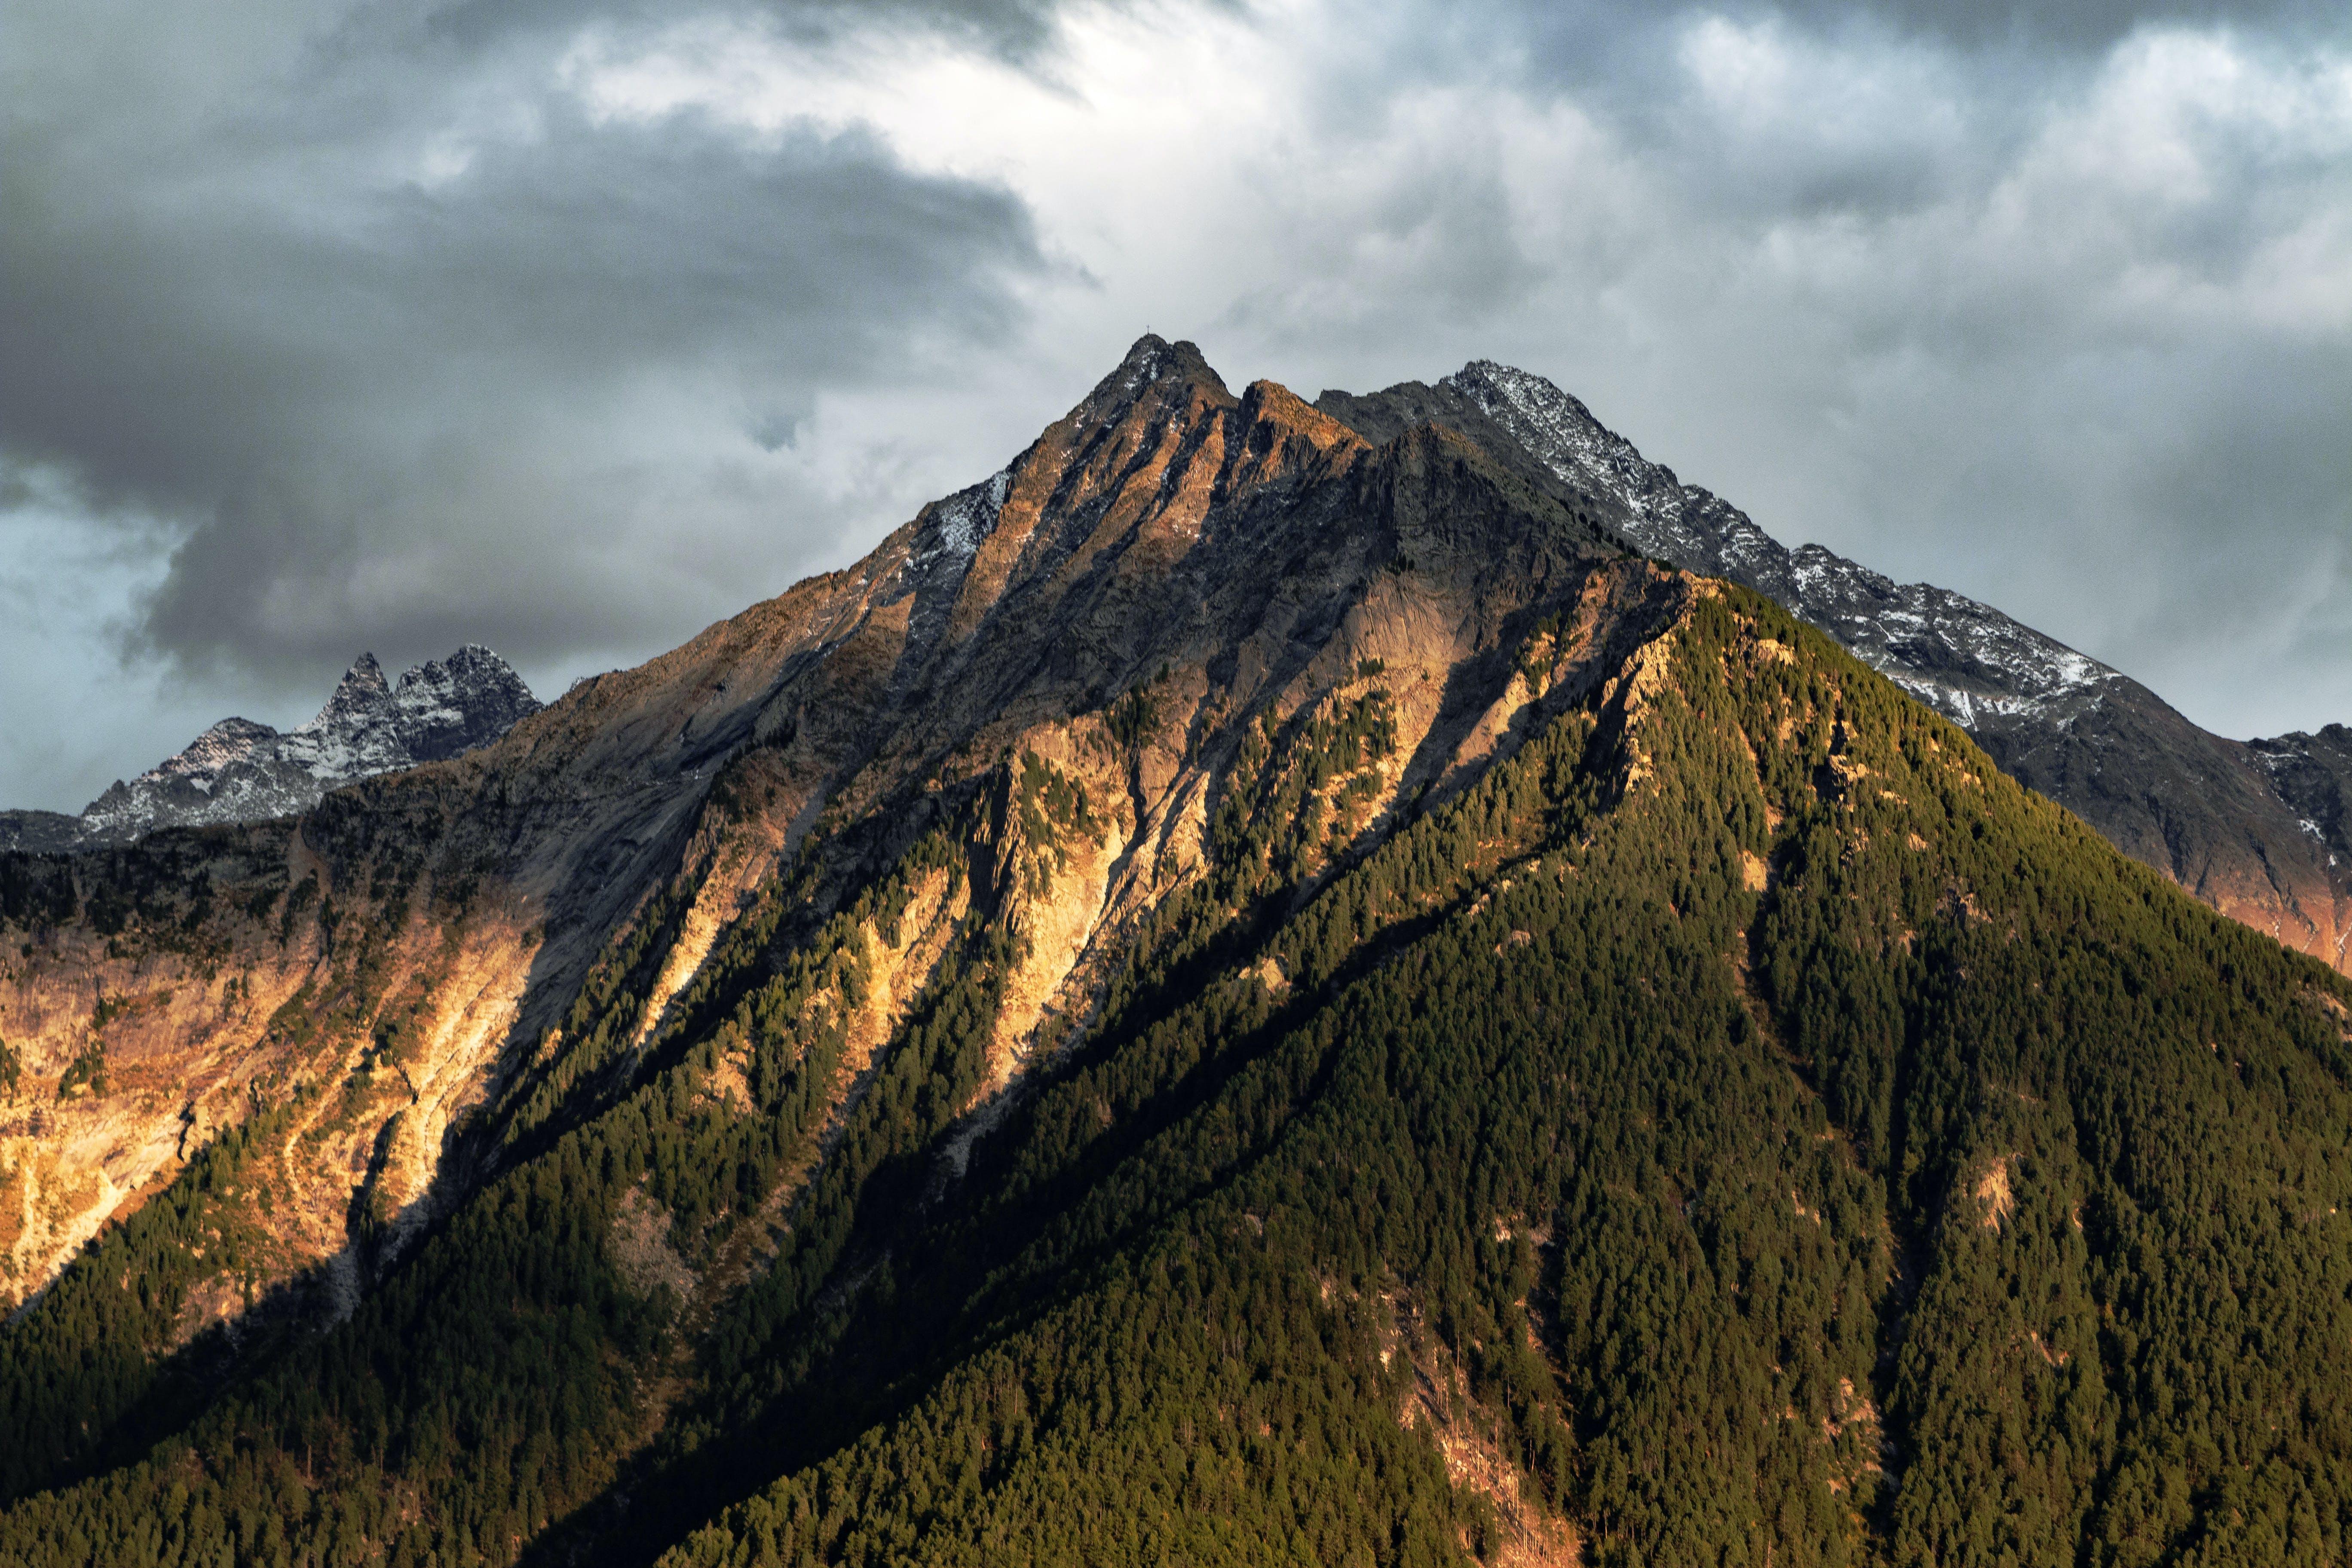 Kostenloses Stock Foto zu abend, abenteuer, bäume, berge